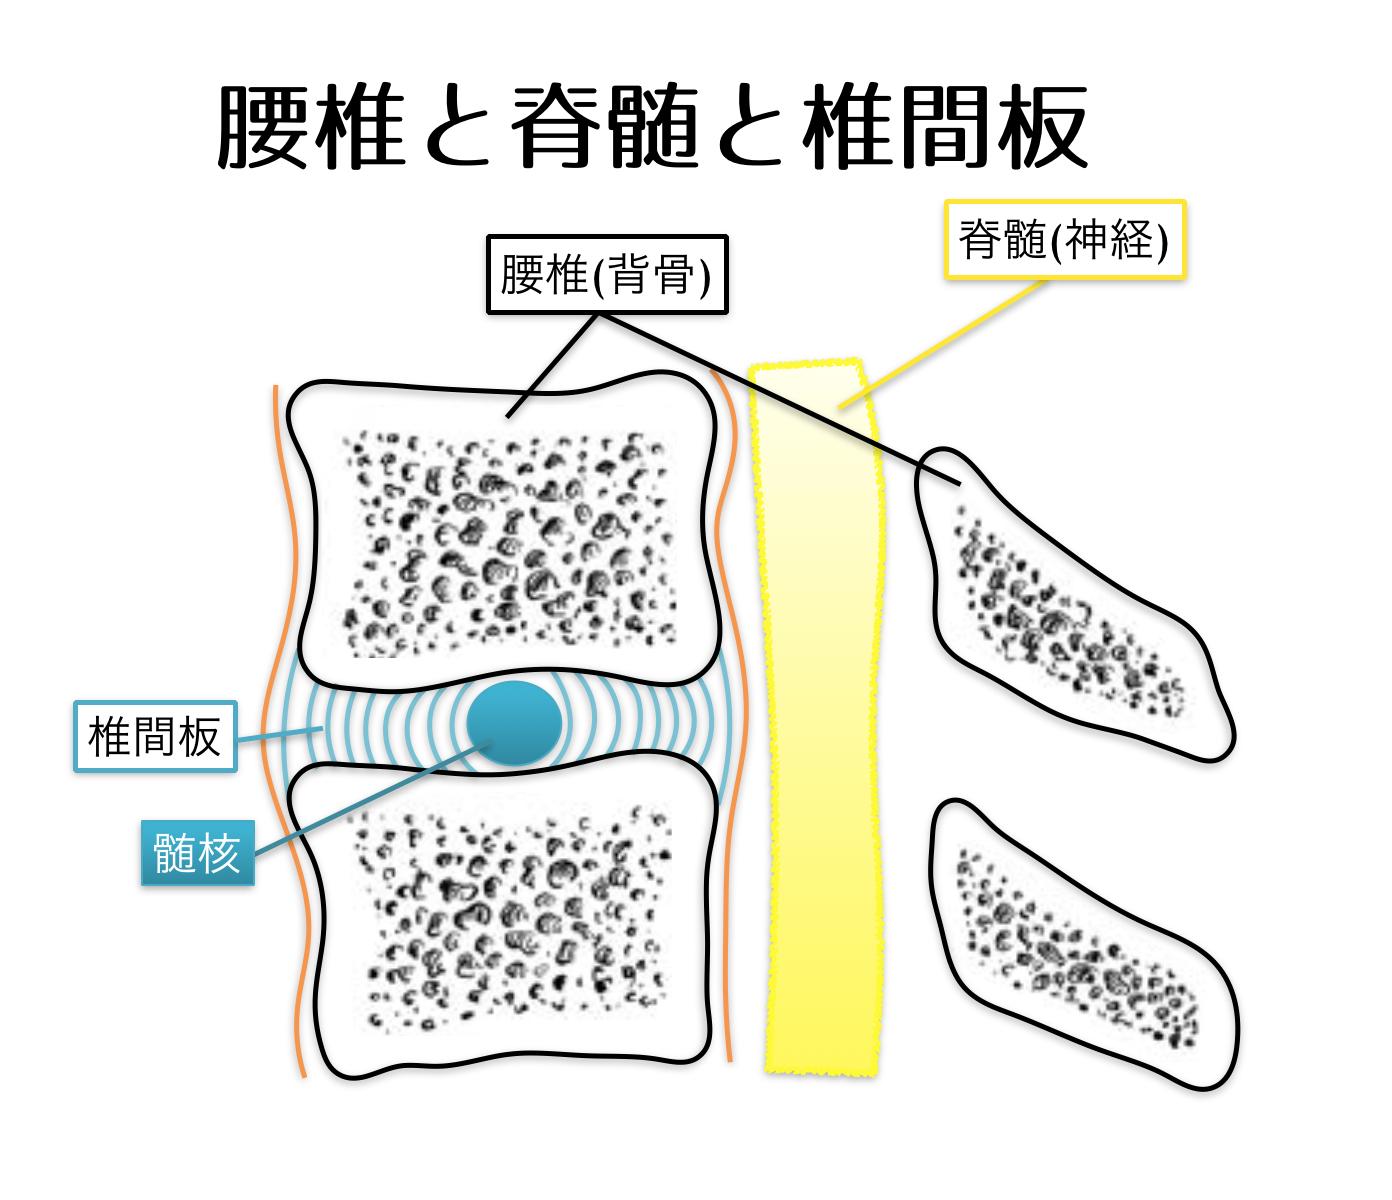 腰椎と脊髄と椎間板